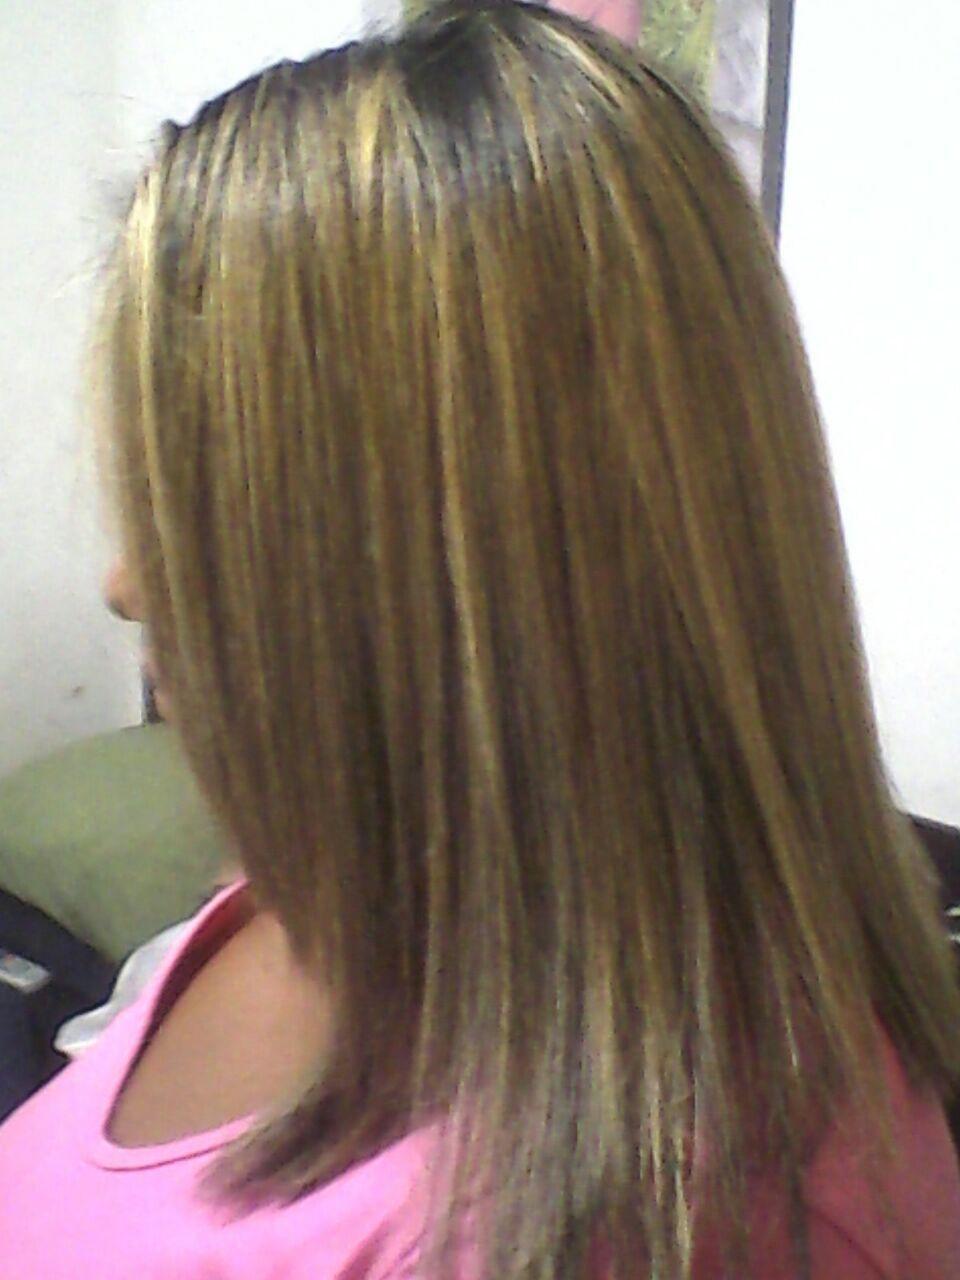 #Borarealçarsuarealbeleza-Depois  #Superlinda #Amooquefaço cabelo auxiliar cabeleireiro(a) cabeleireiro(a)